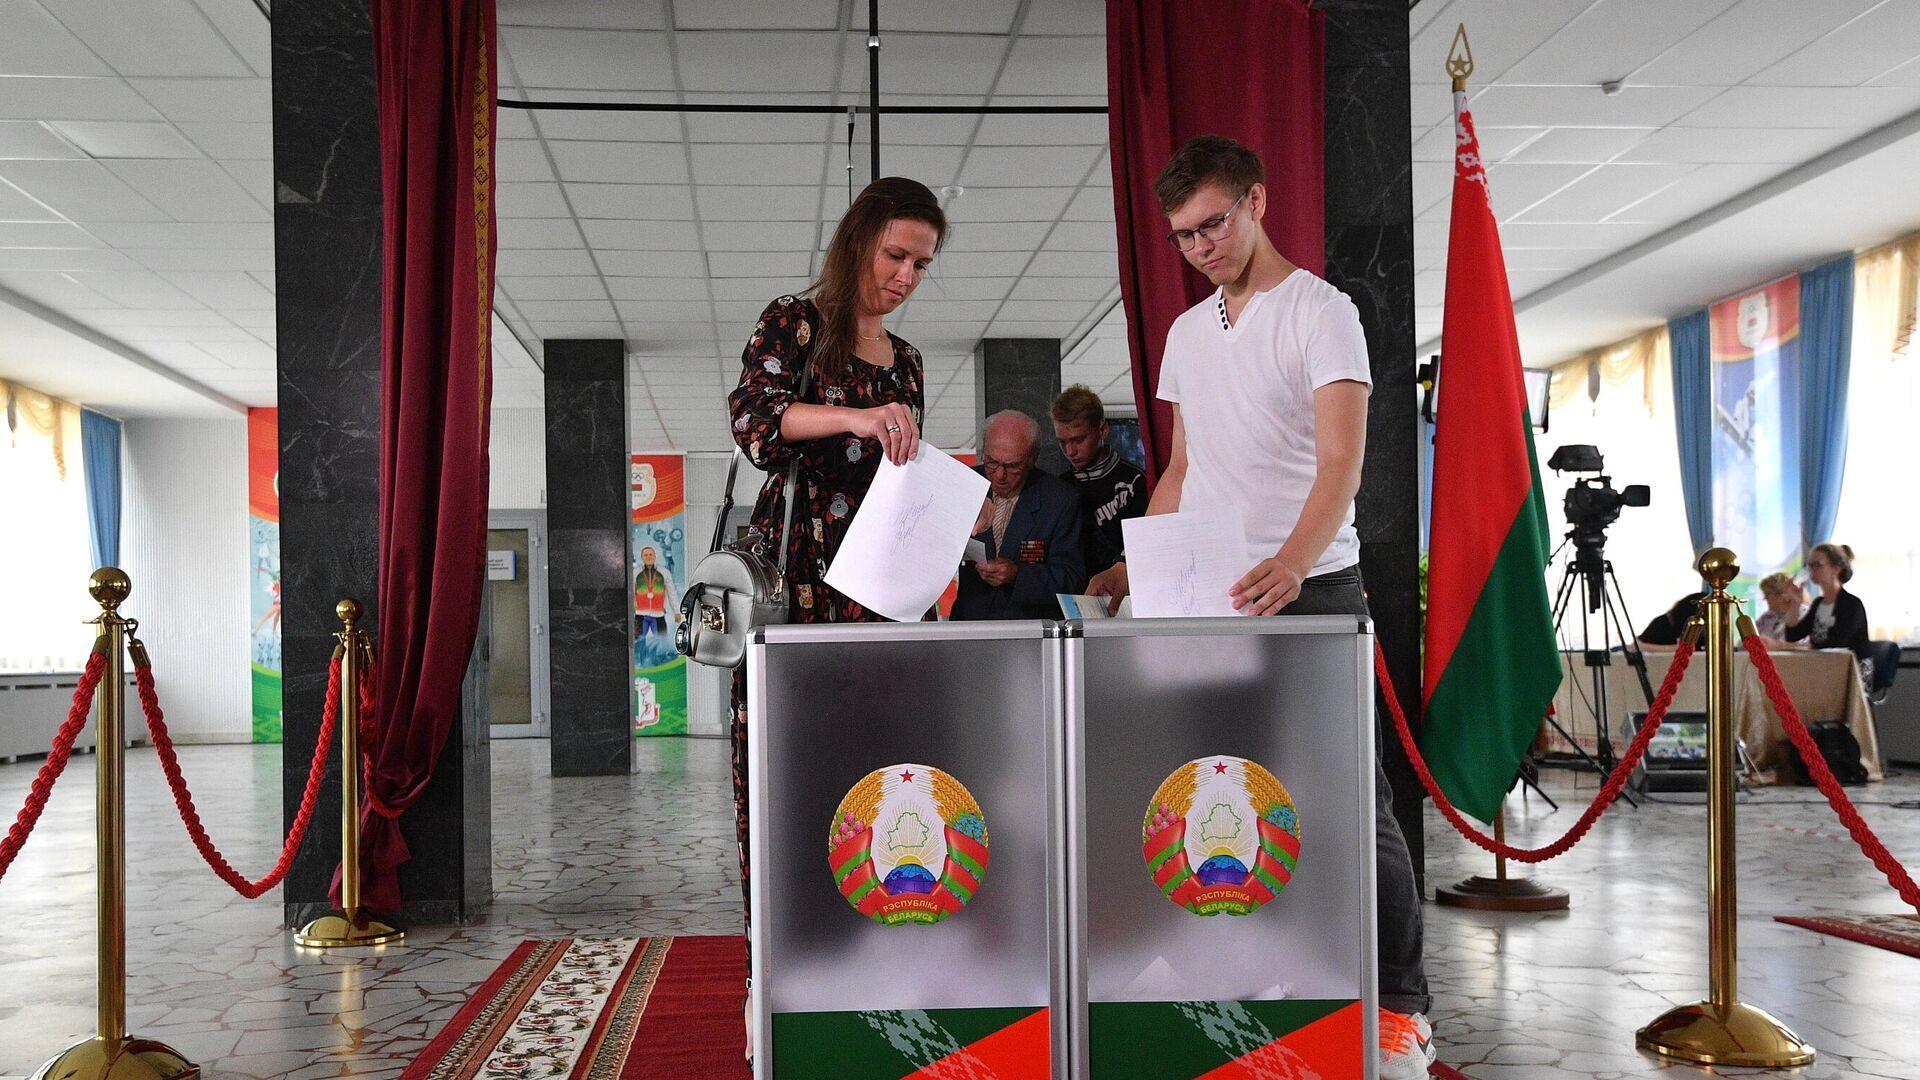 Молодые люди голосуют на выборах президента Белоруссии на избирательном участке в Минске - РИА Новости, 1920, 27.04.2021